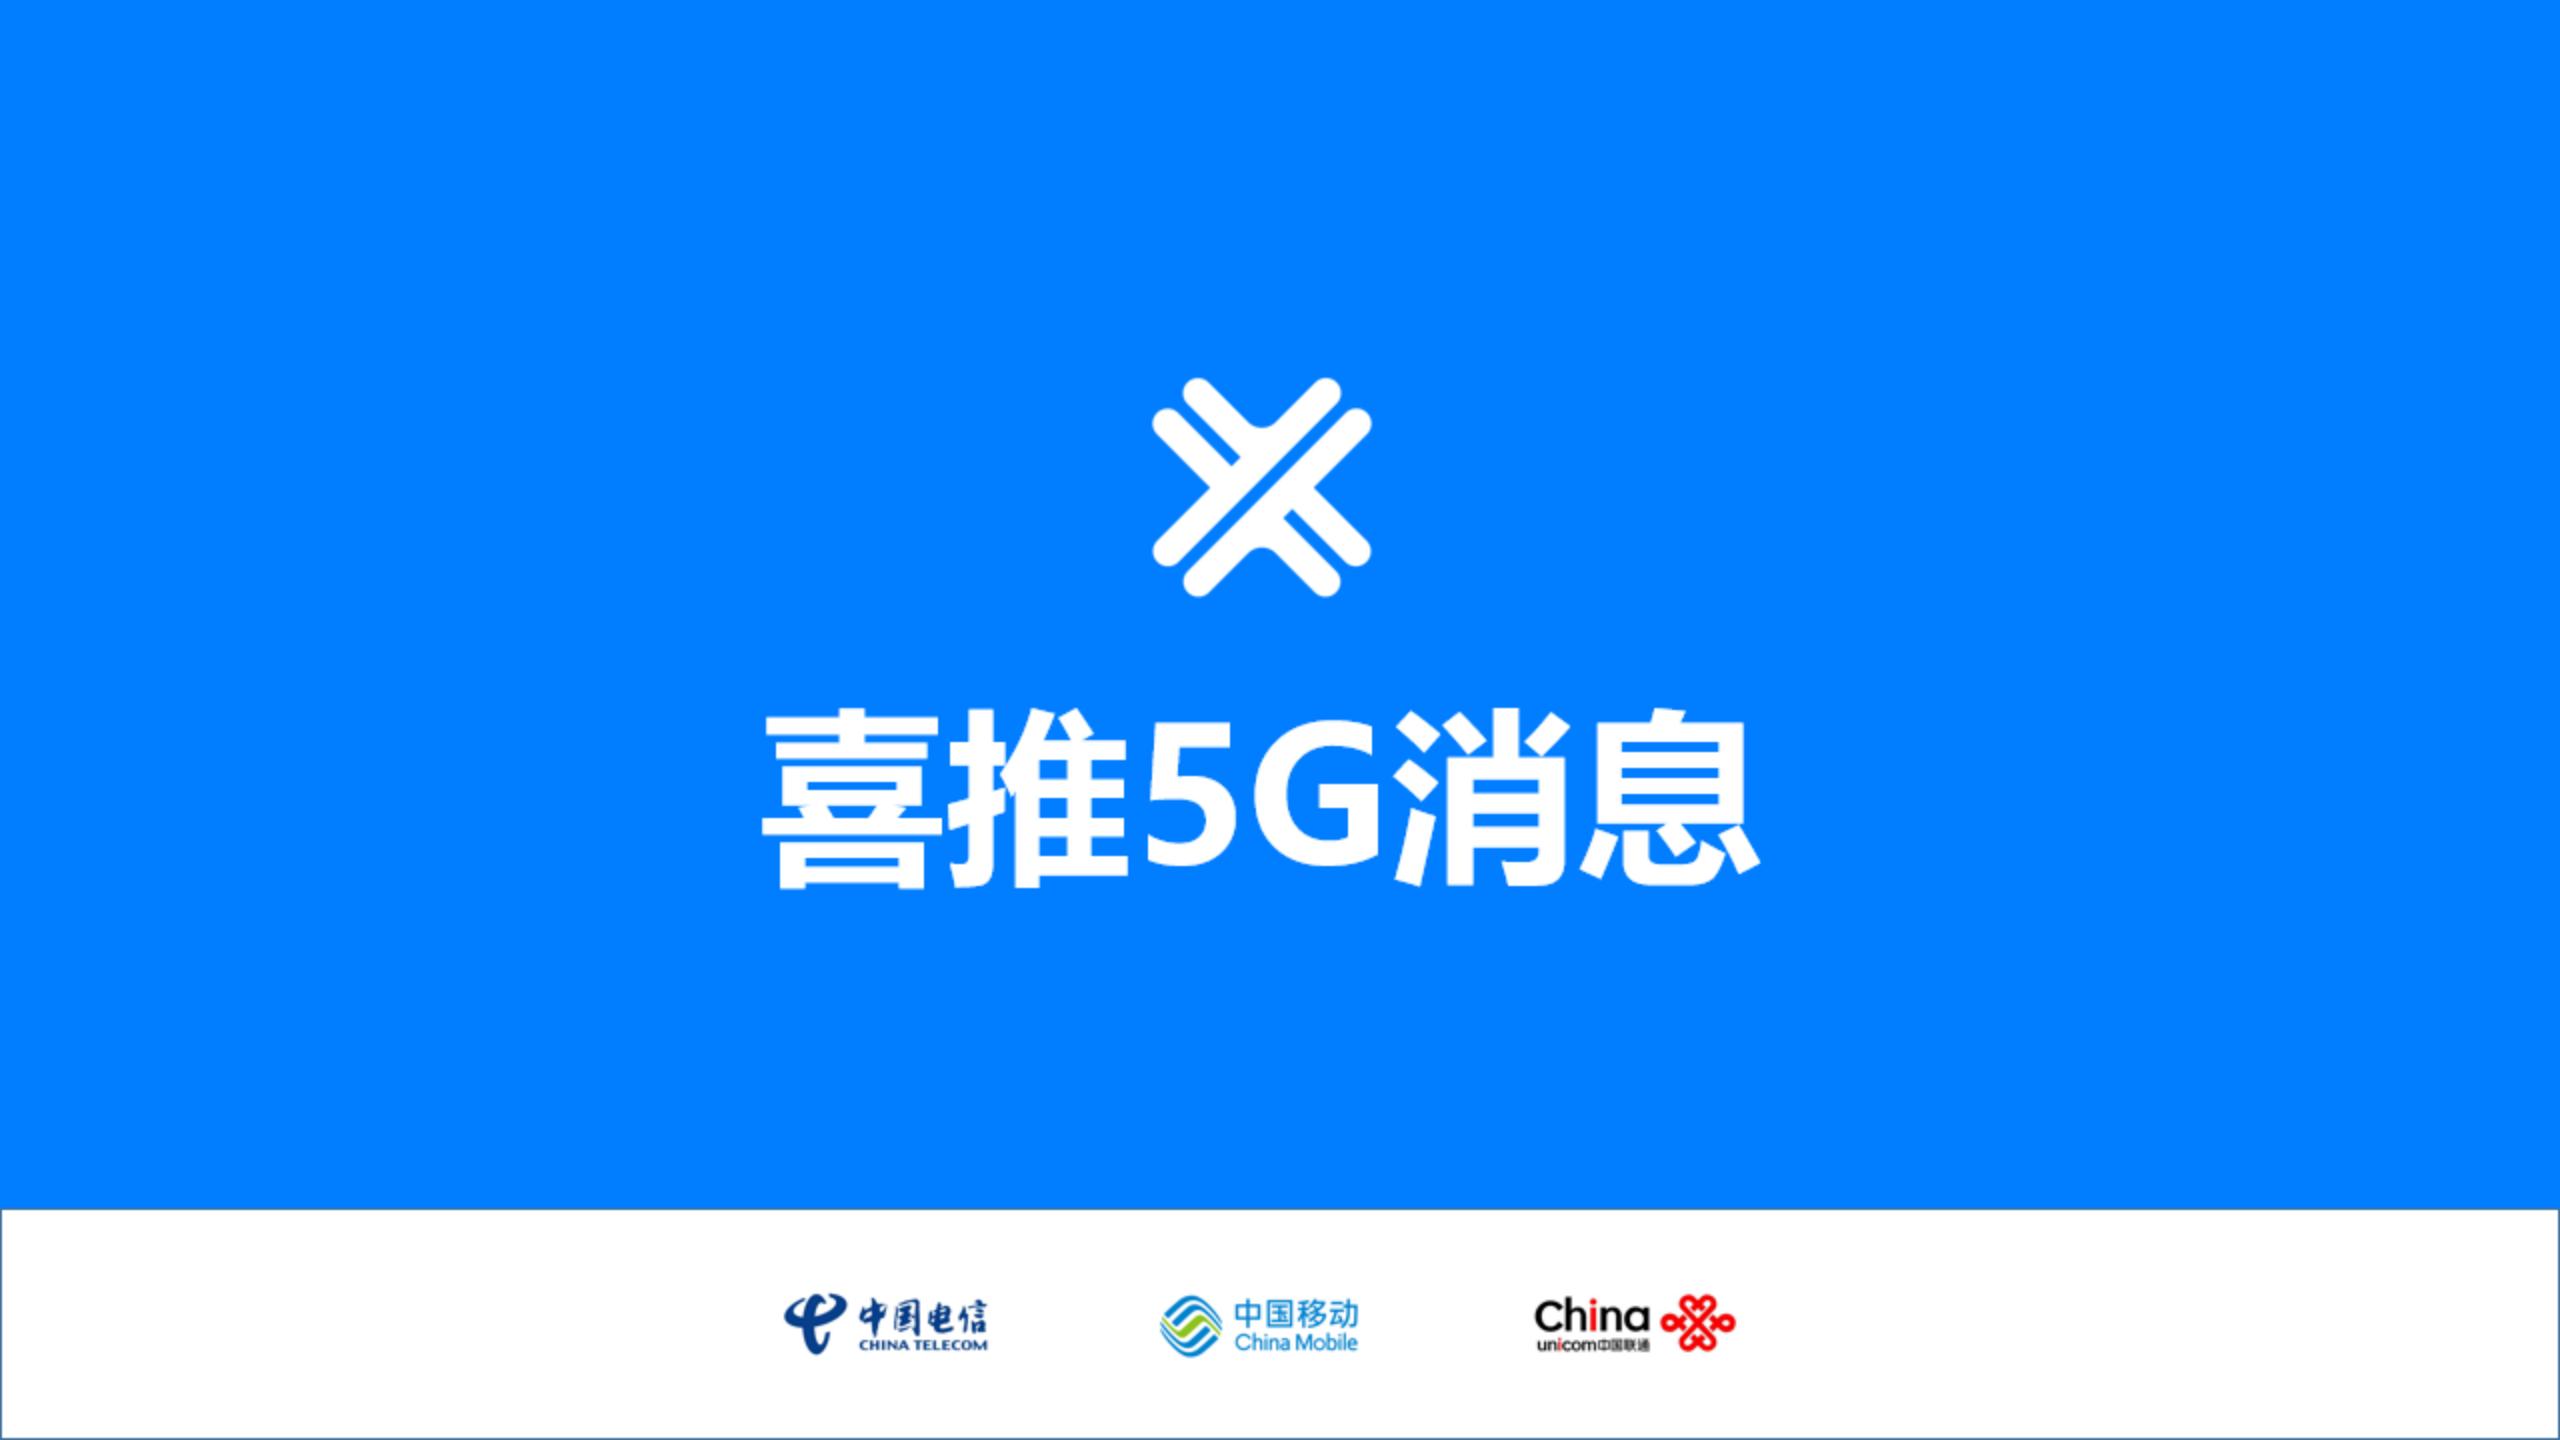 喜推助力开拓市场新机遇 激活5G消息创新价值